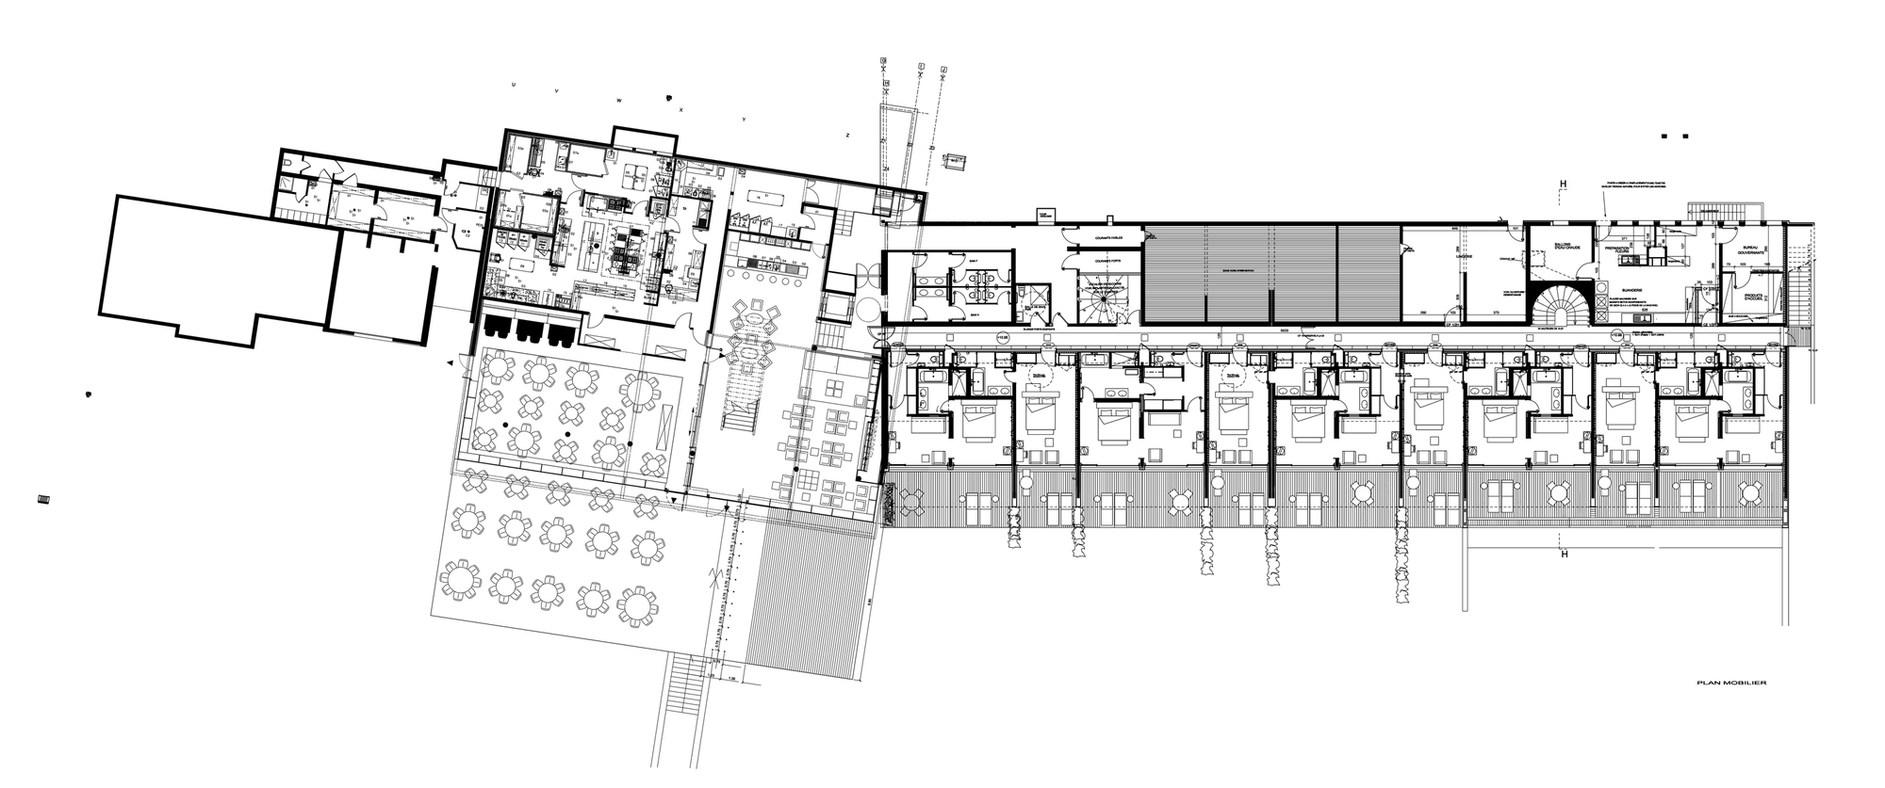 Casadelmar hotel by jean fran ois bodin karmatrendz for Porto design hotel